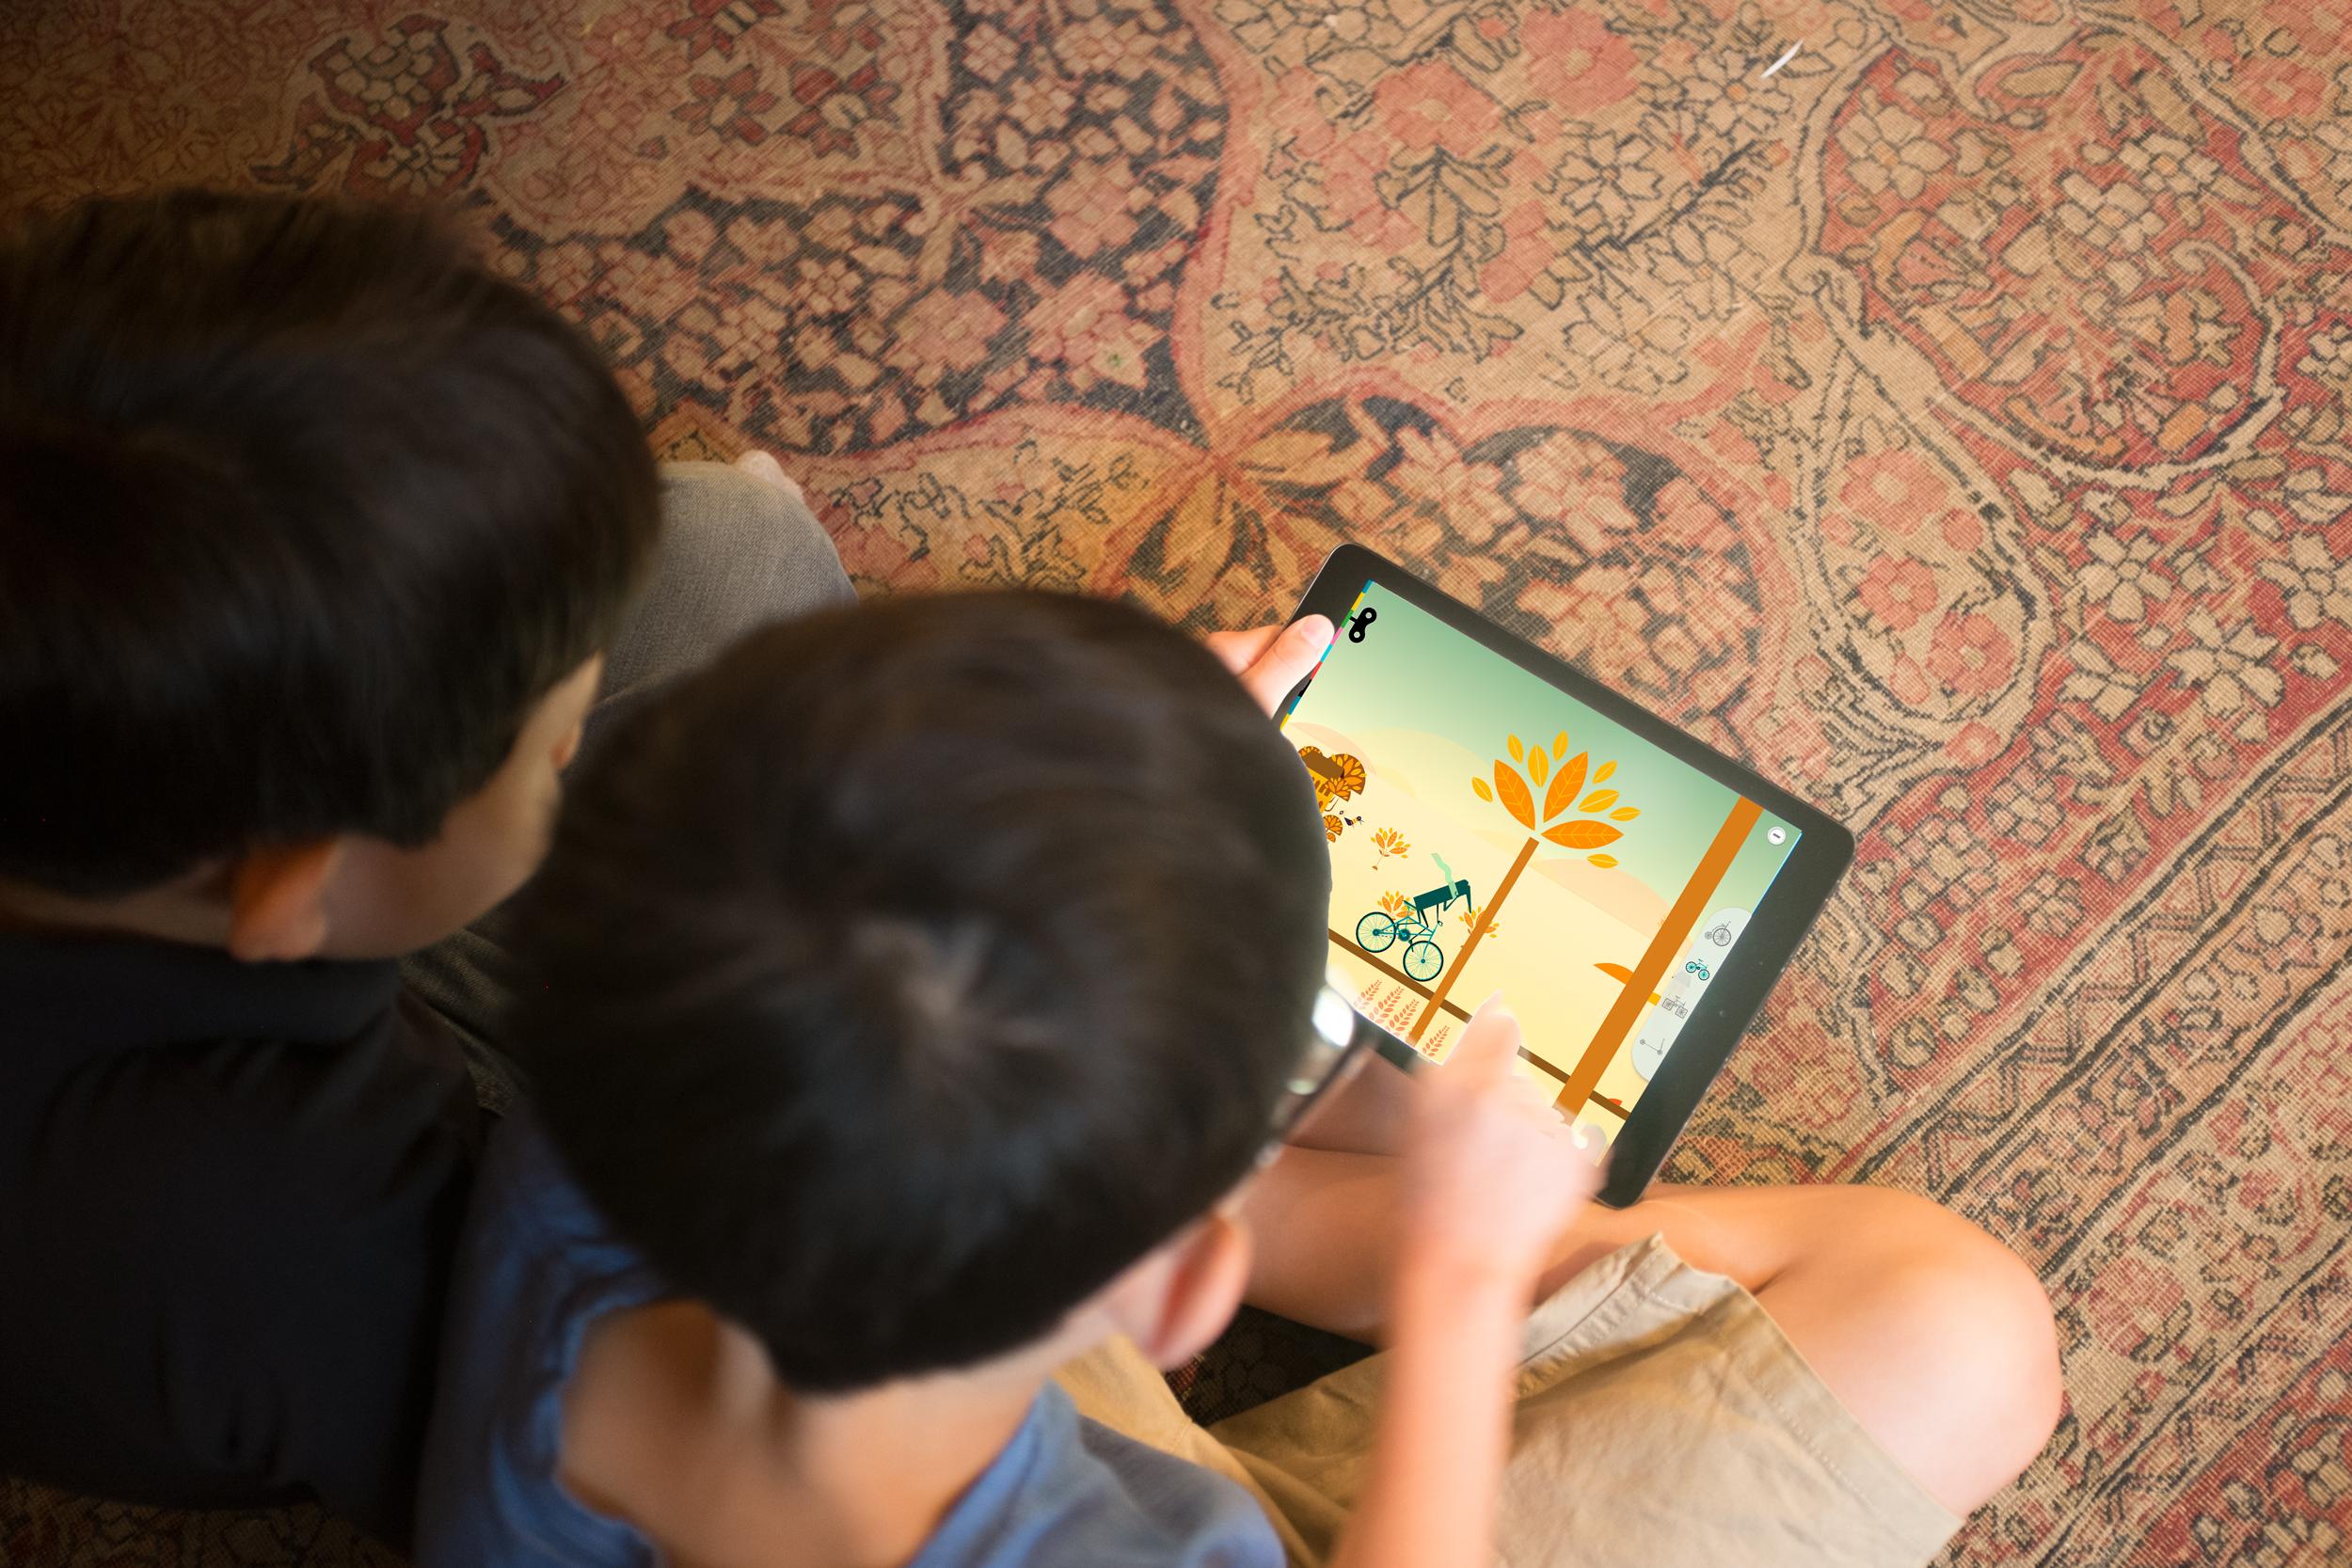 links-kids-apps-play-hero